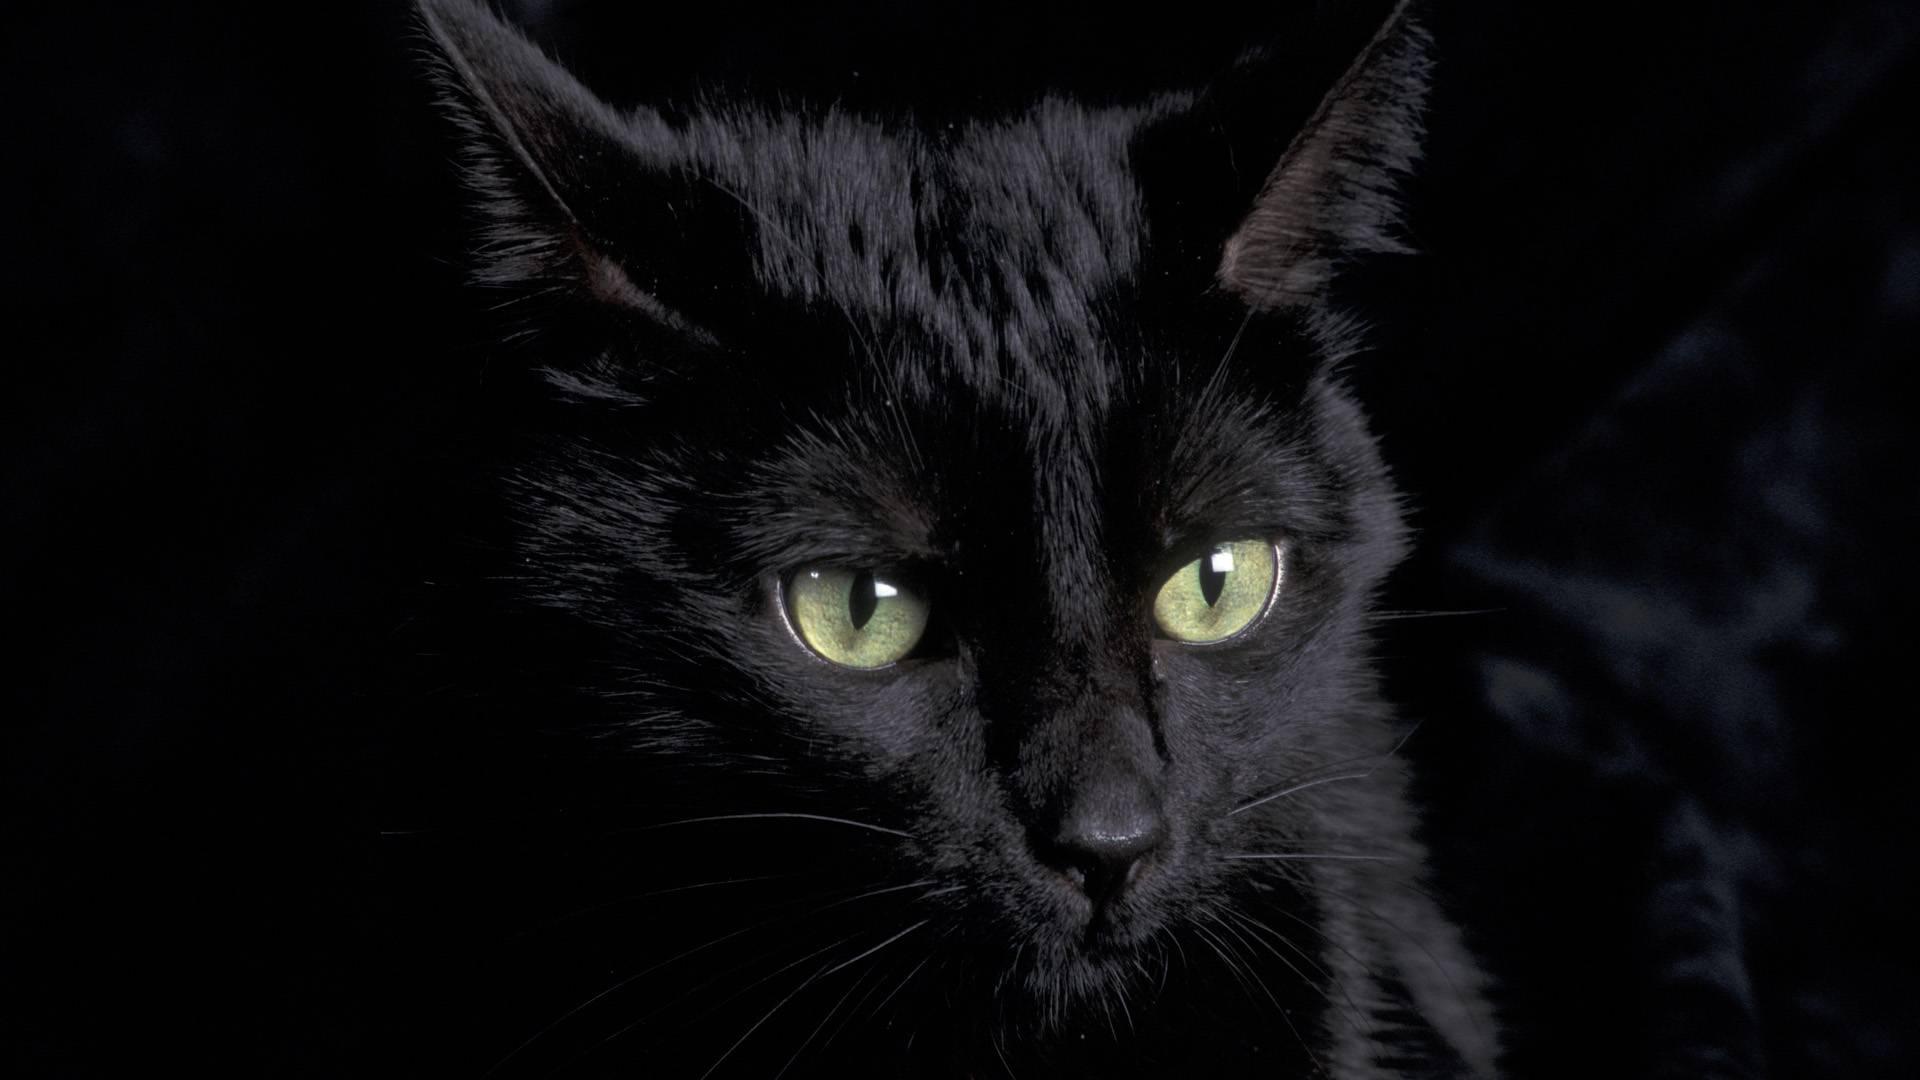 обои на рабочий стол черная кошка с зелеными глазами № 174181  скачать